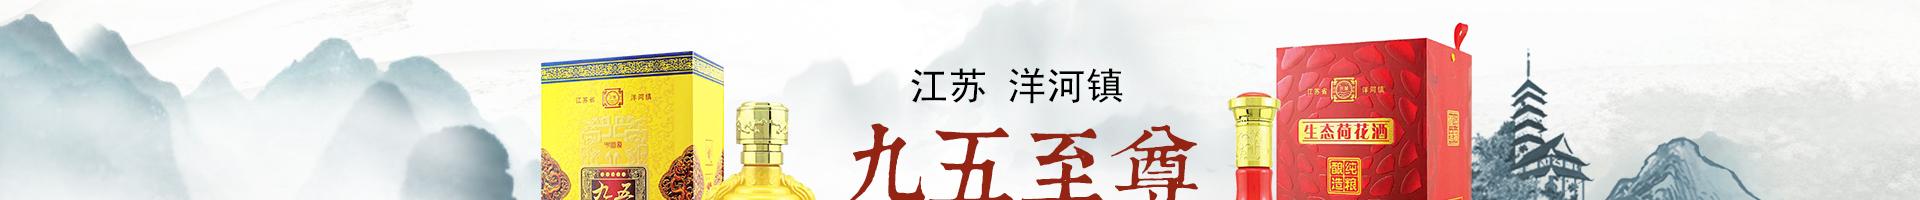 江苏洋沂酿酒股份有限公司